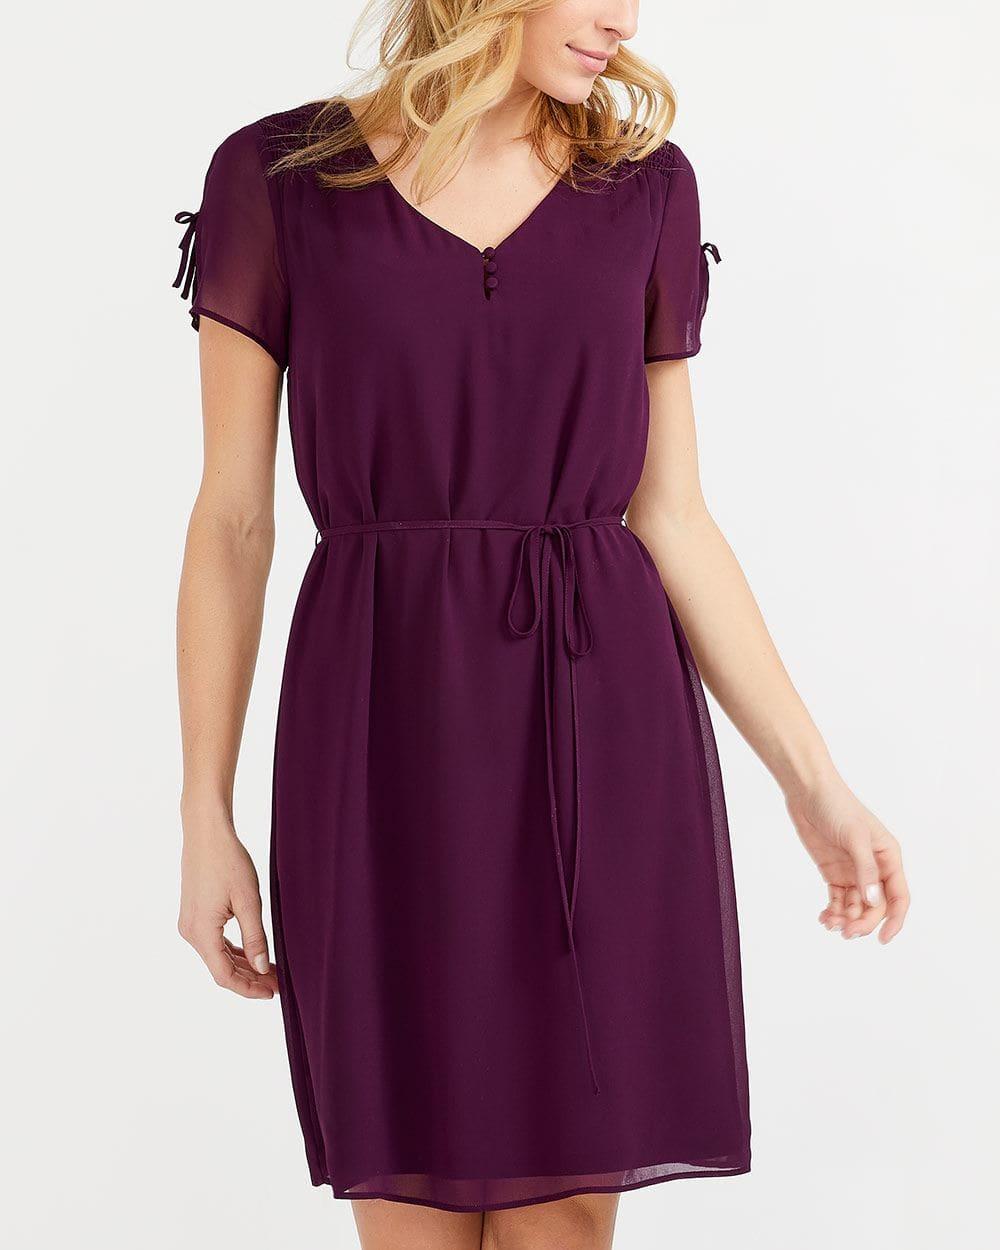 Short Slit Sleeve Dress